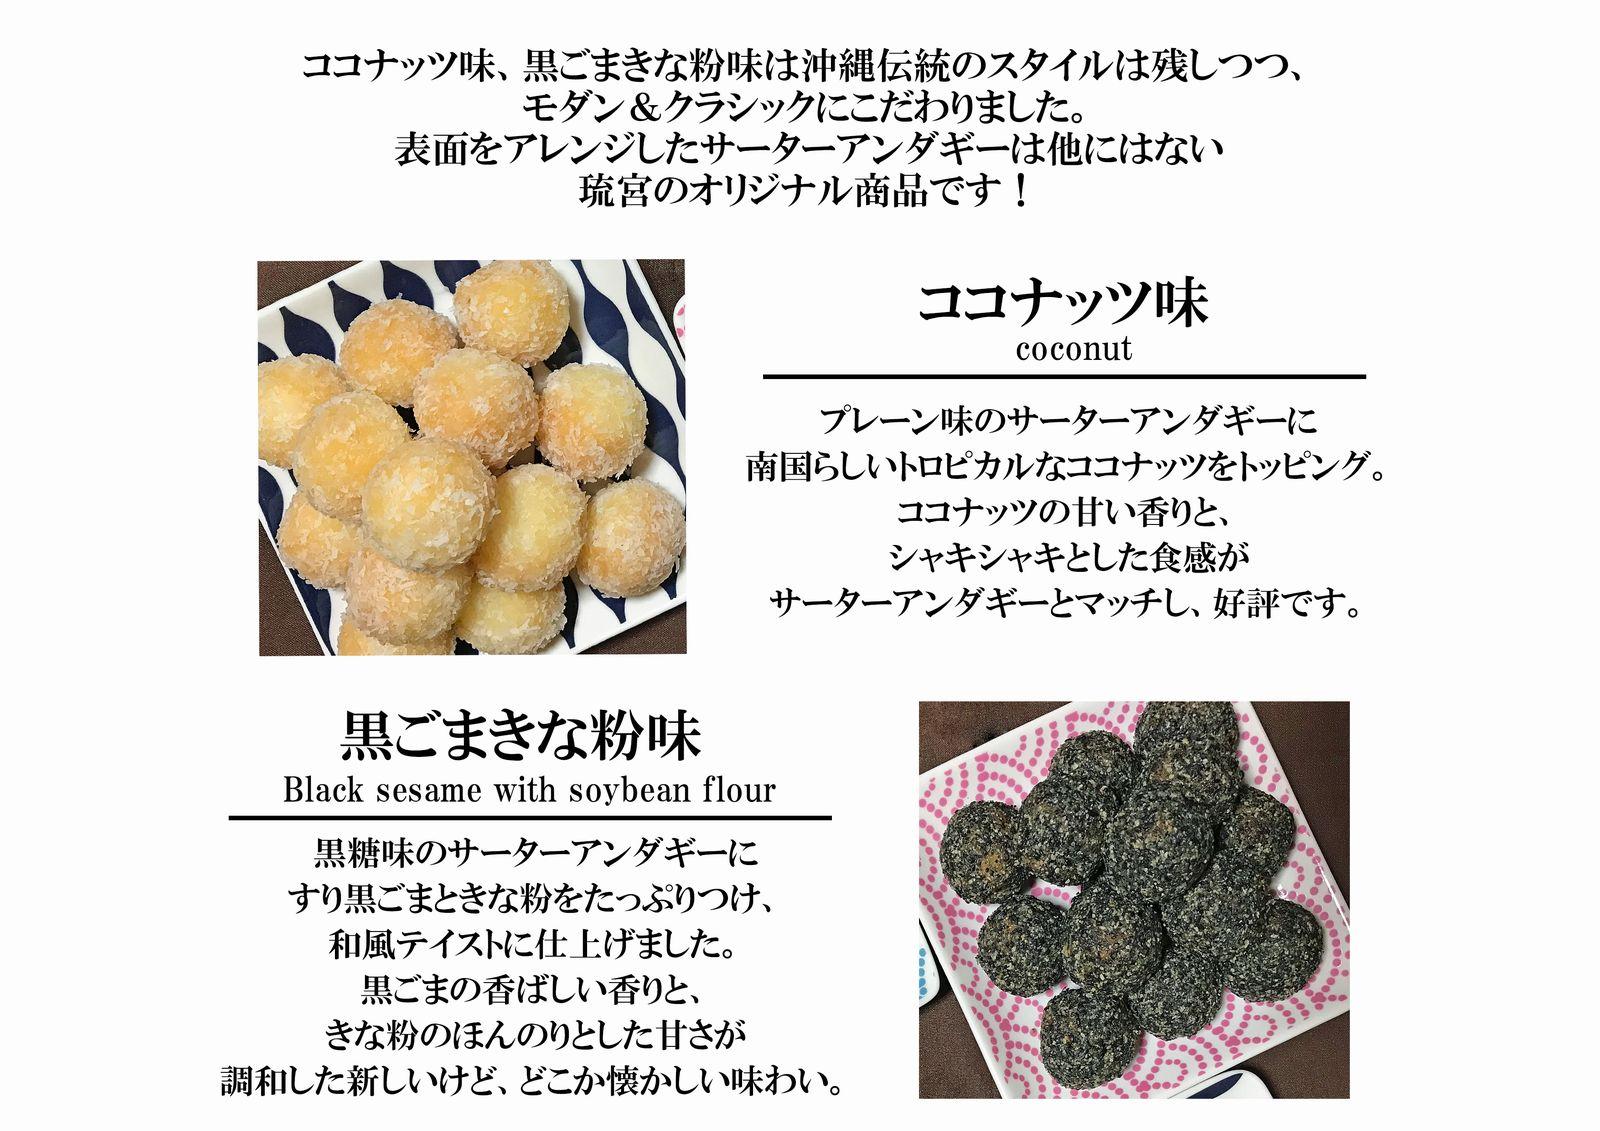 ちっぴるー味説明ココナッツ黒ごまきな粉